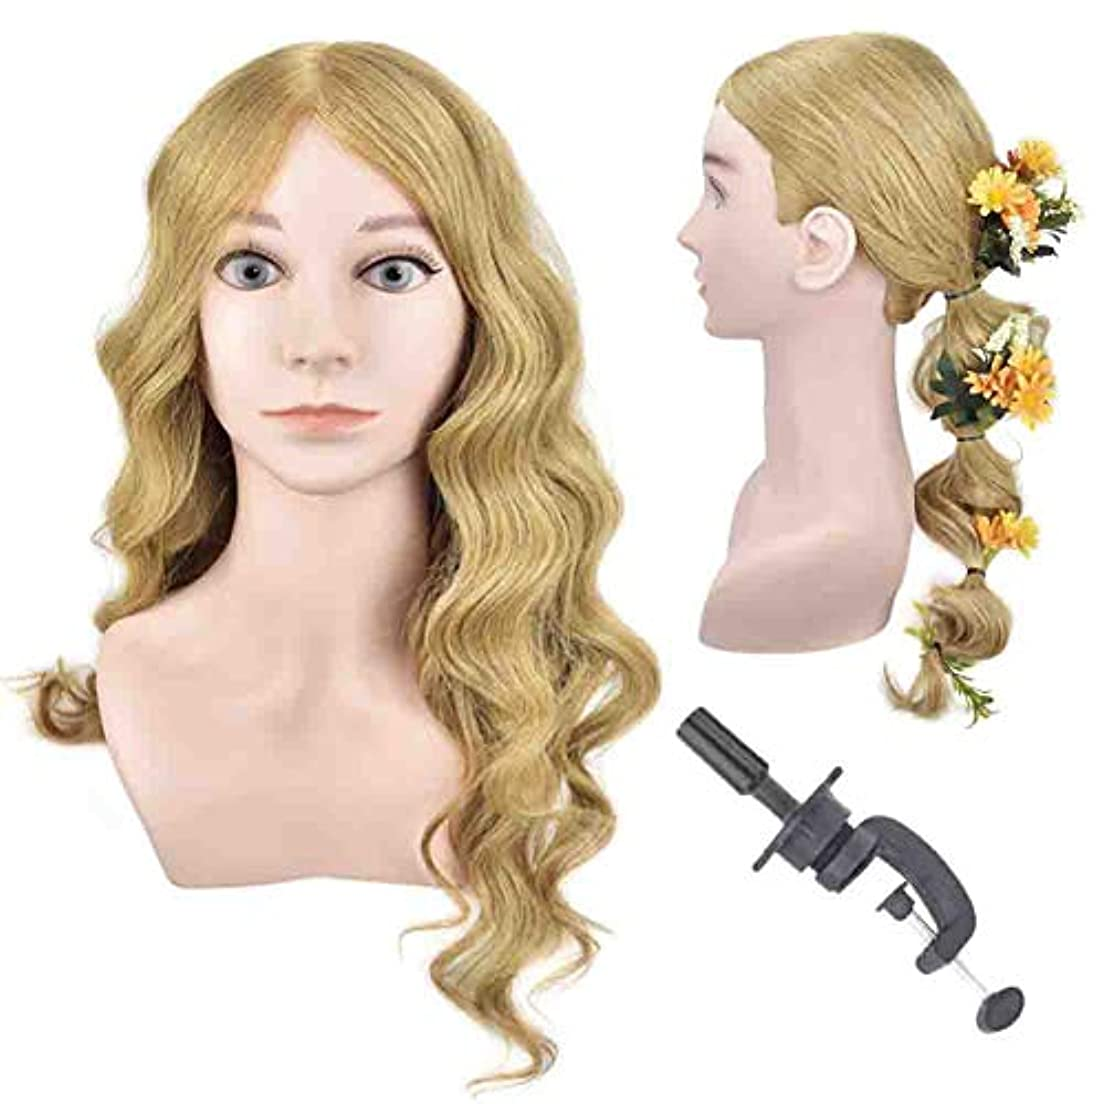 救援ドキュメンタリー無秩序編んだ髪のヘッドモデル本物の人間の髪のスタイルの学習モデルヘッドサロンの学習は熱いと染めた髪のダミーの頭にすることができます